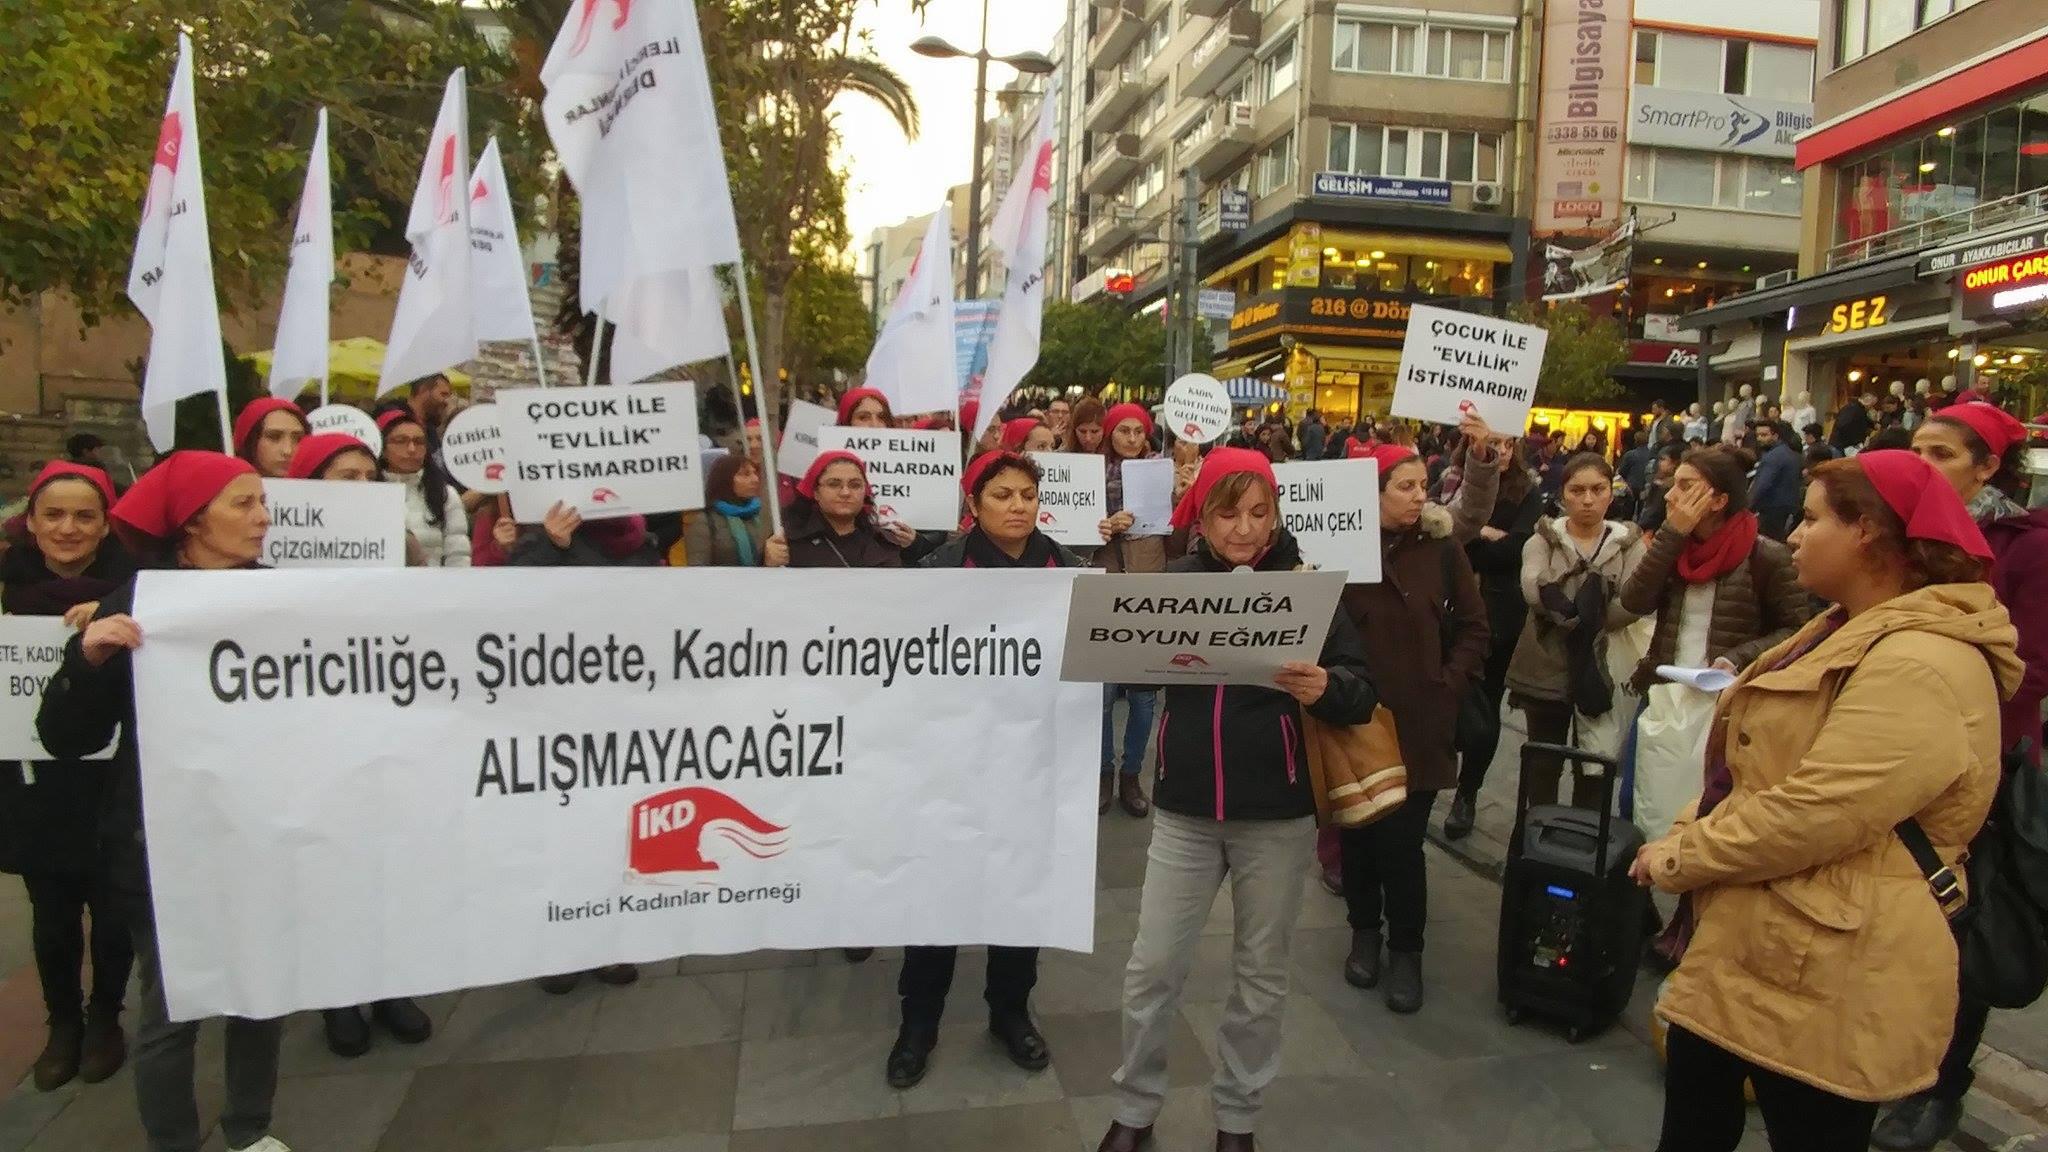 İKD'den eylem: Mücadelemiz laik ve aydınlık bir Türkiye içindir!